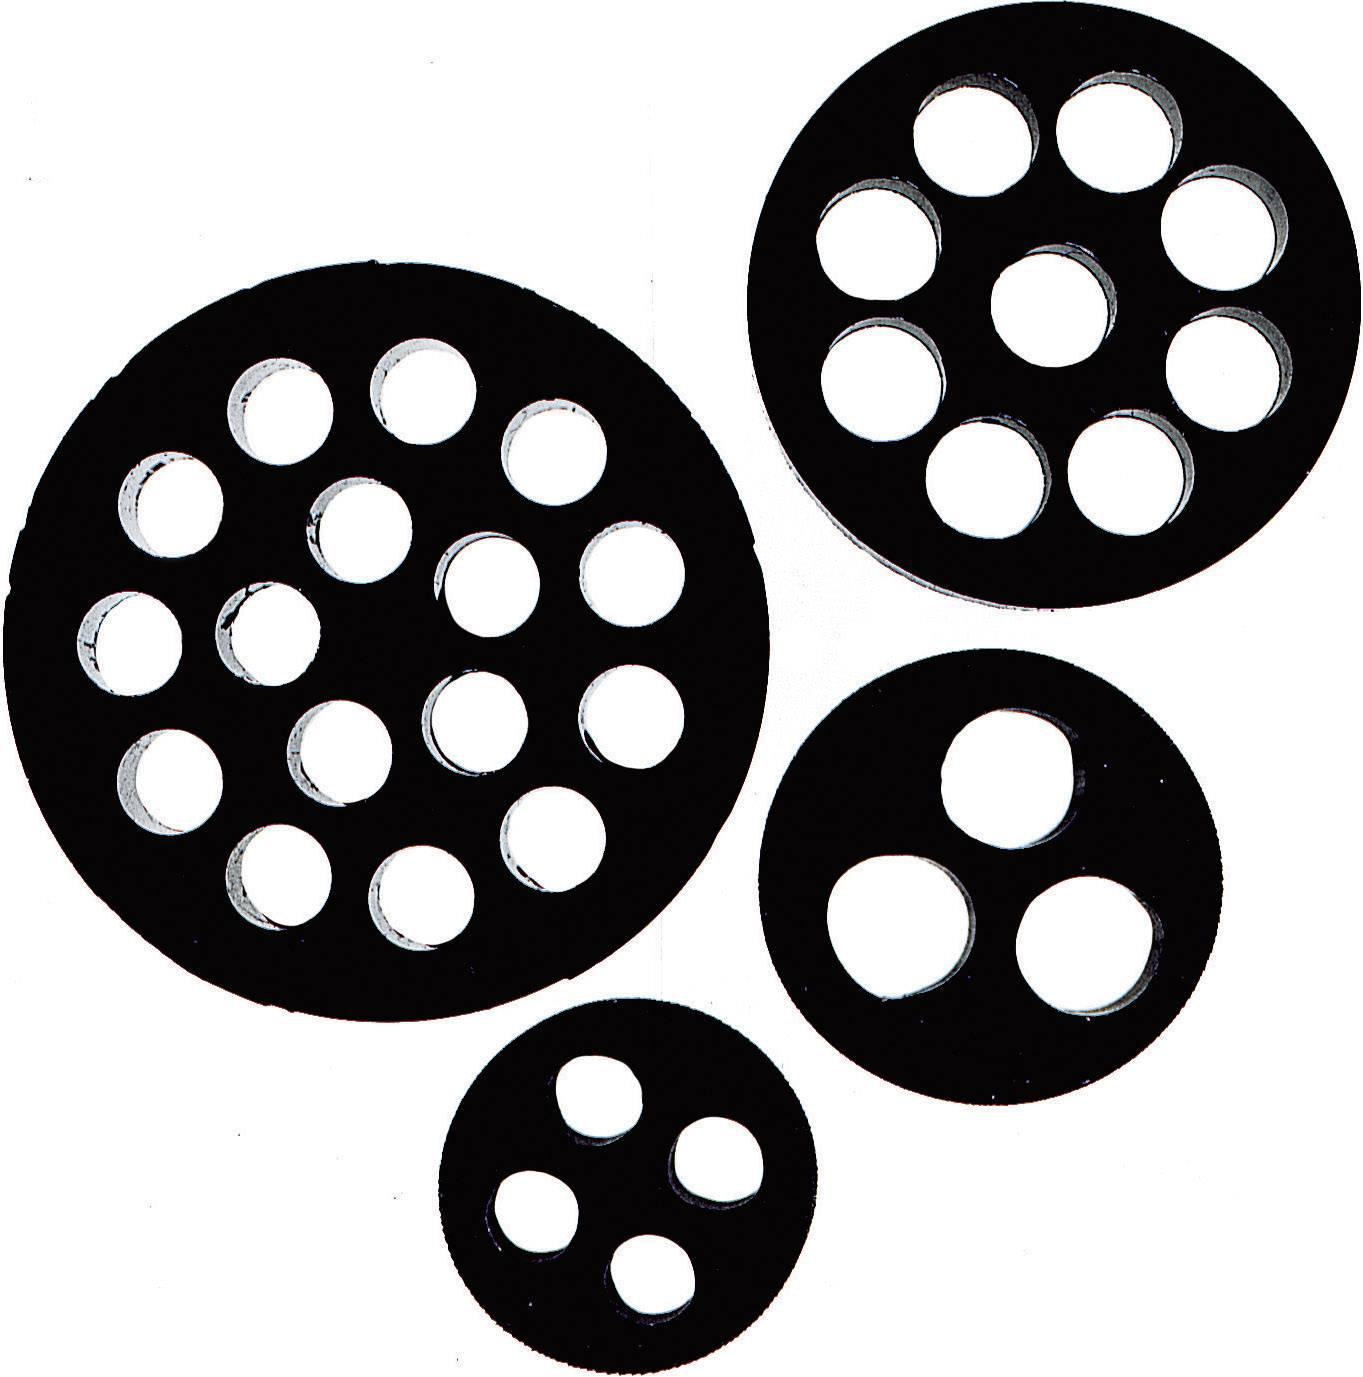 Těsnicí vložka M25 LappKabel DIX-M25 (53325260), IP54, M25, nitril kaučuk, černá